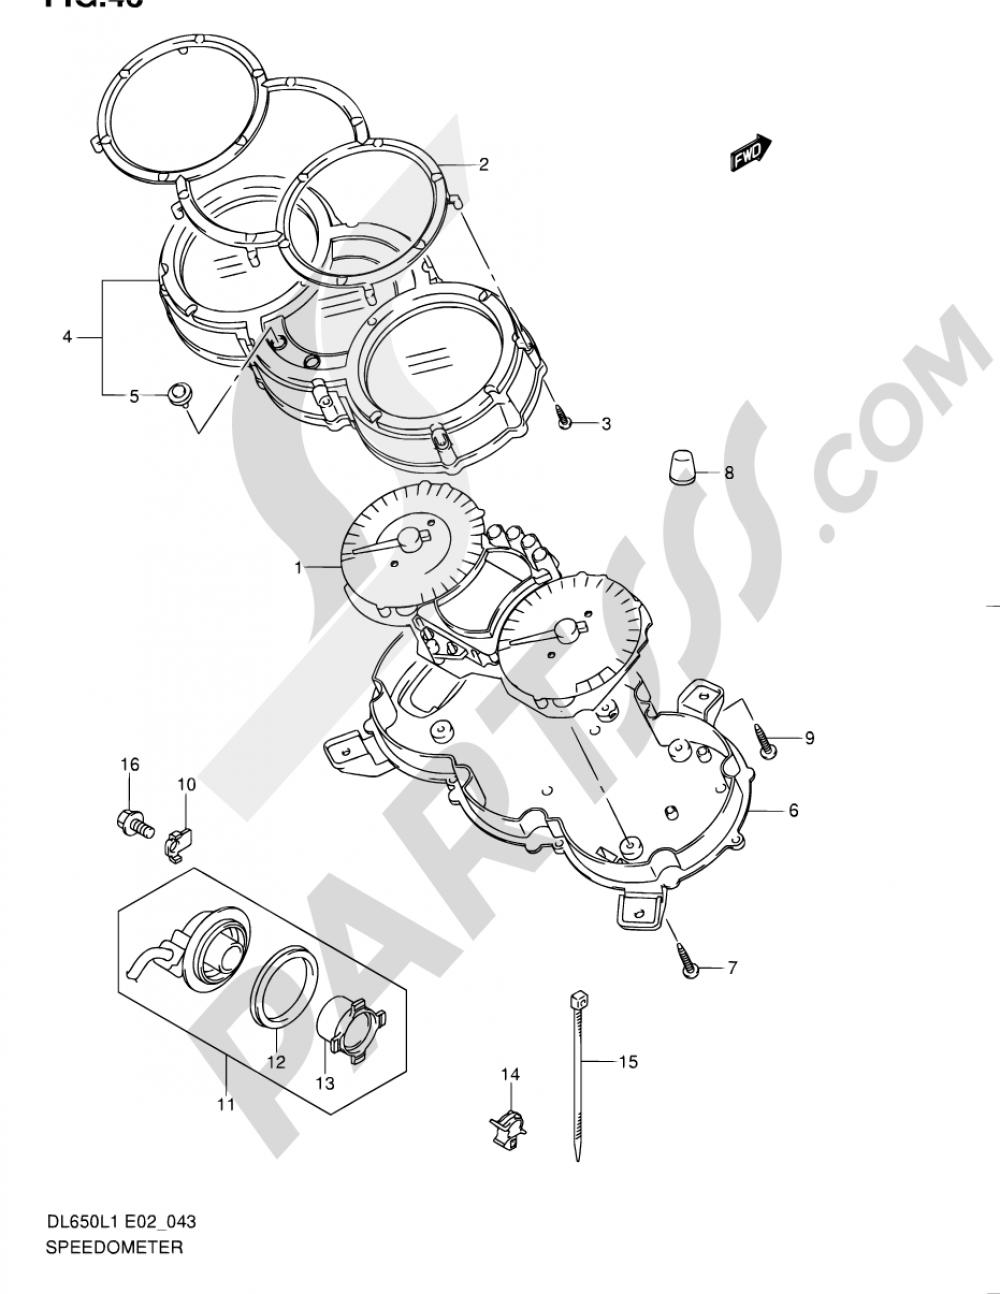 43 - SPEEDOMETER (DL650L1 E02) Suzuki VSTROM DL650A 2011